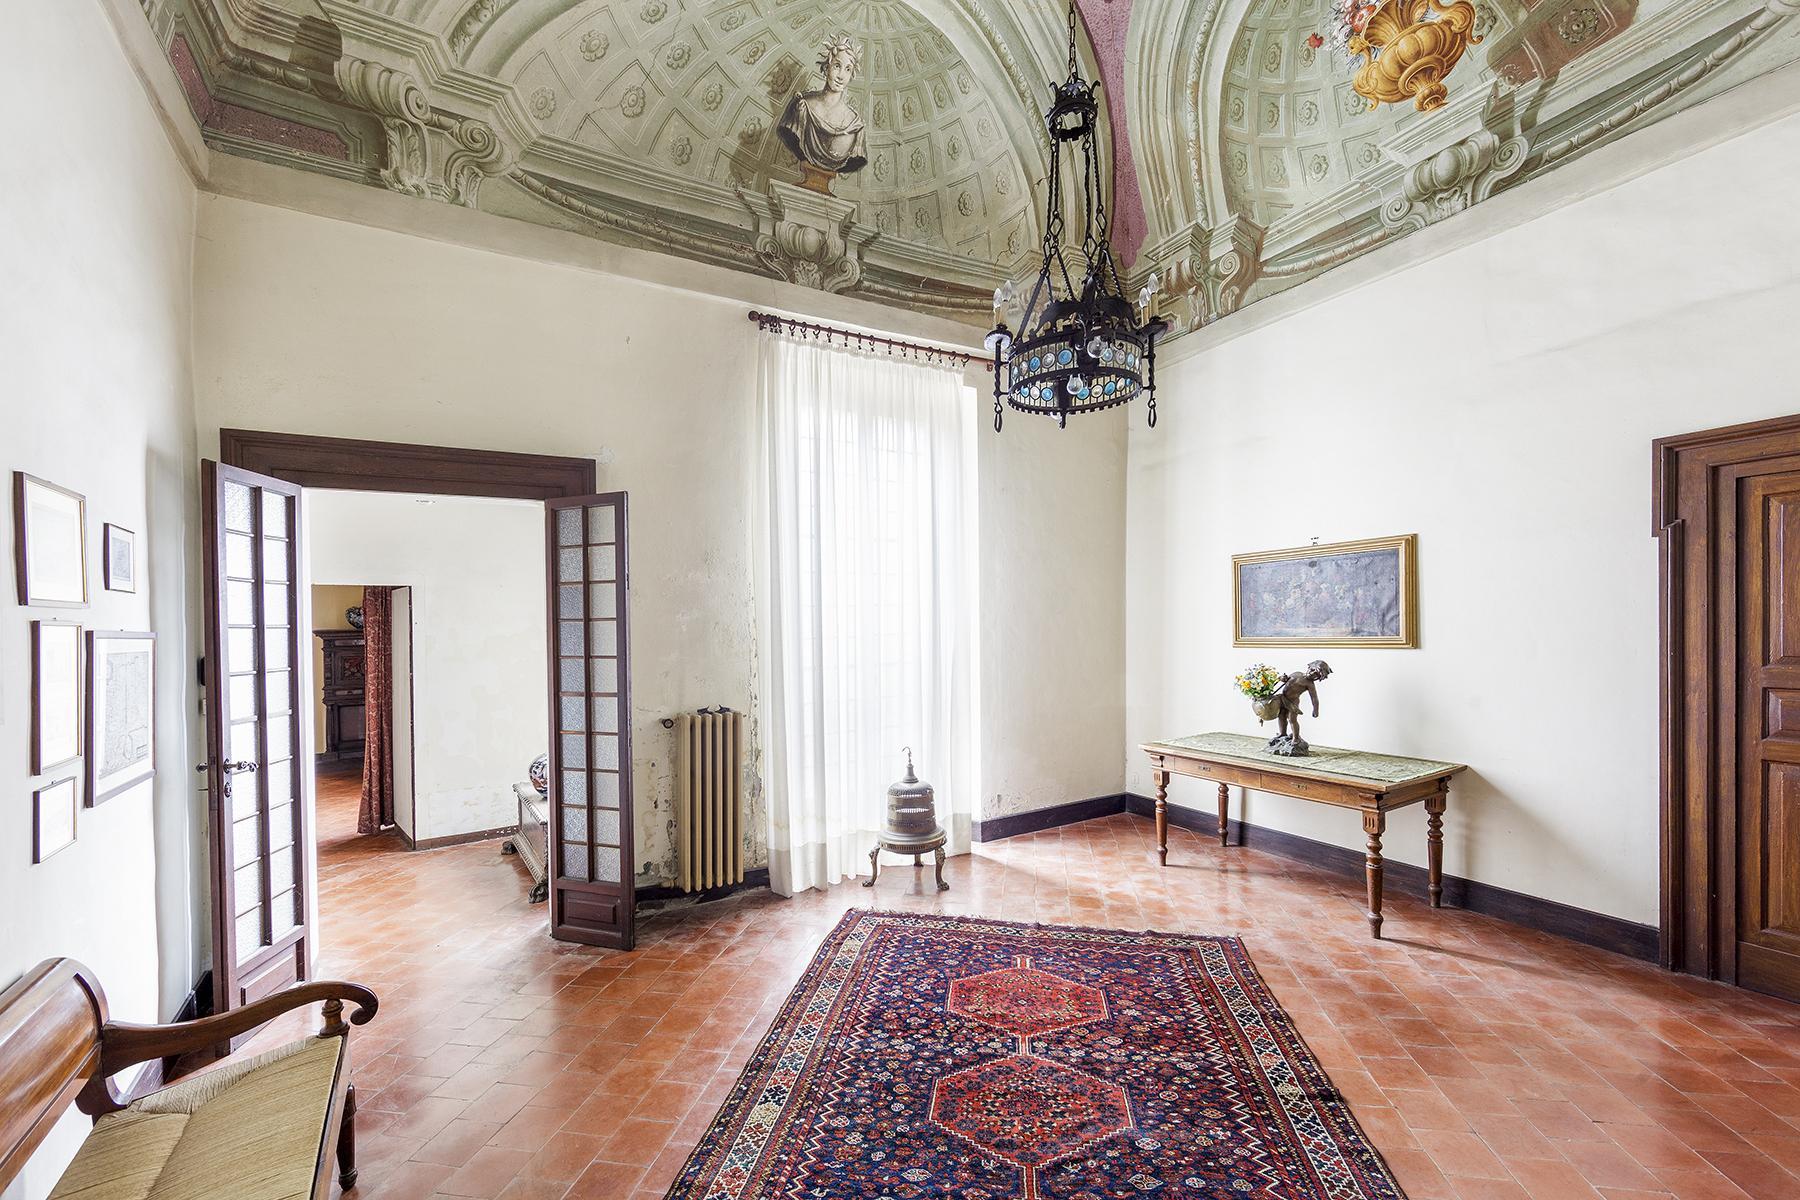 Прекрасный дворец в стиле Ренессанса - 5